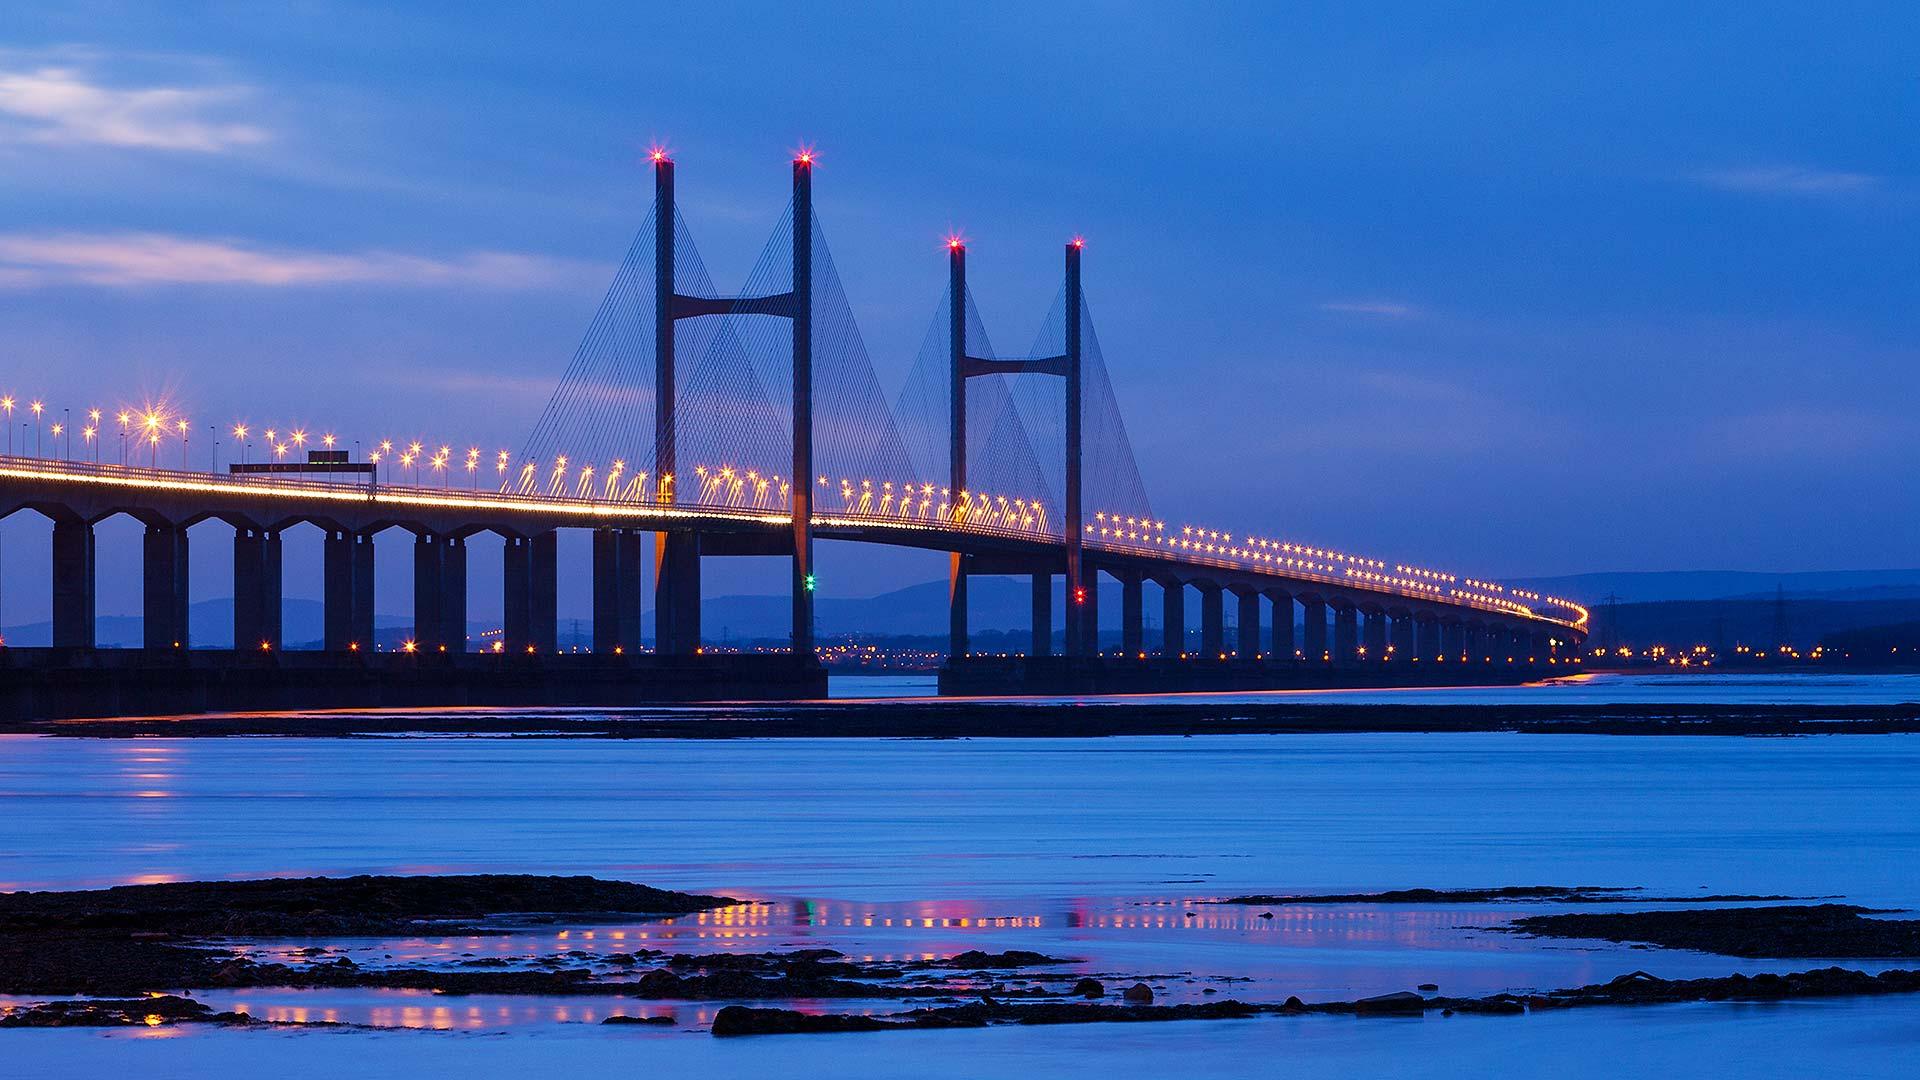 Severn Crossing at night